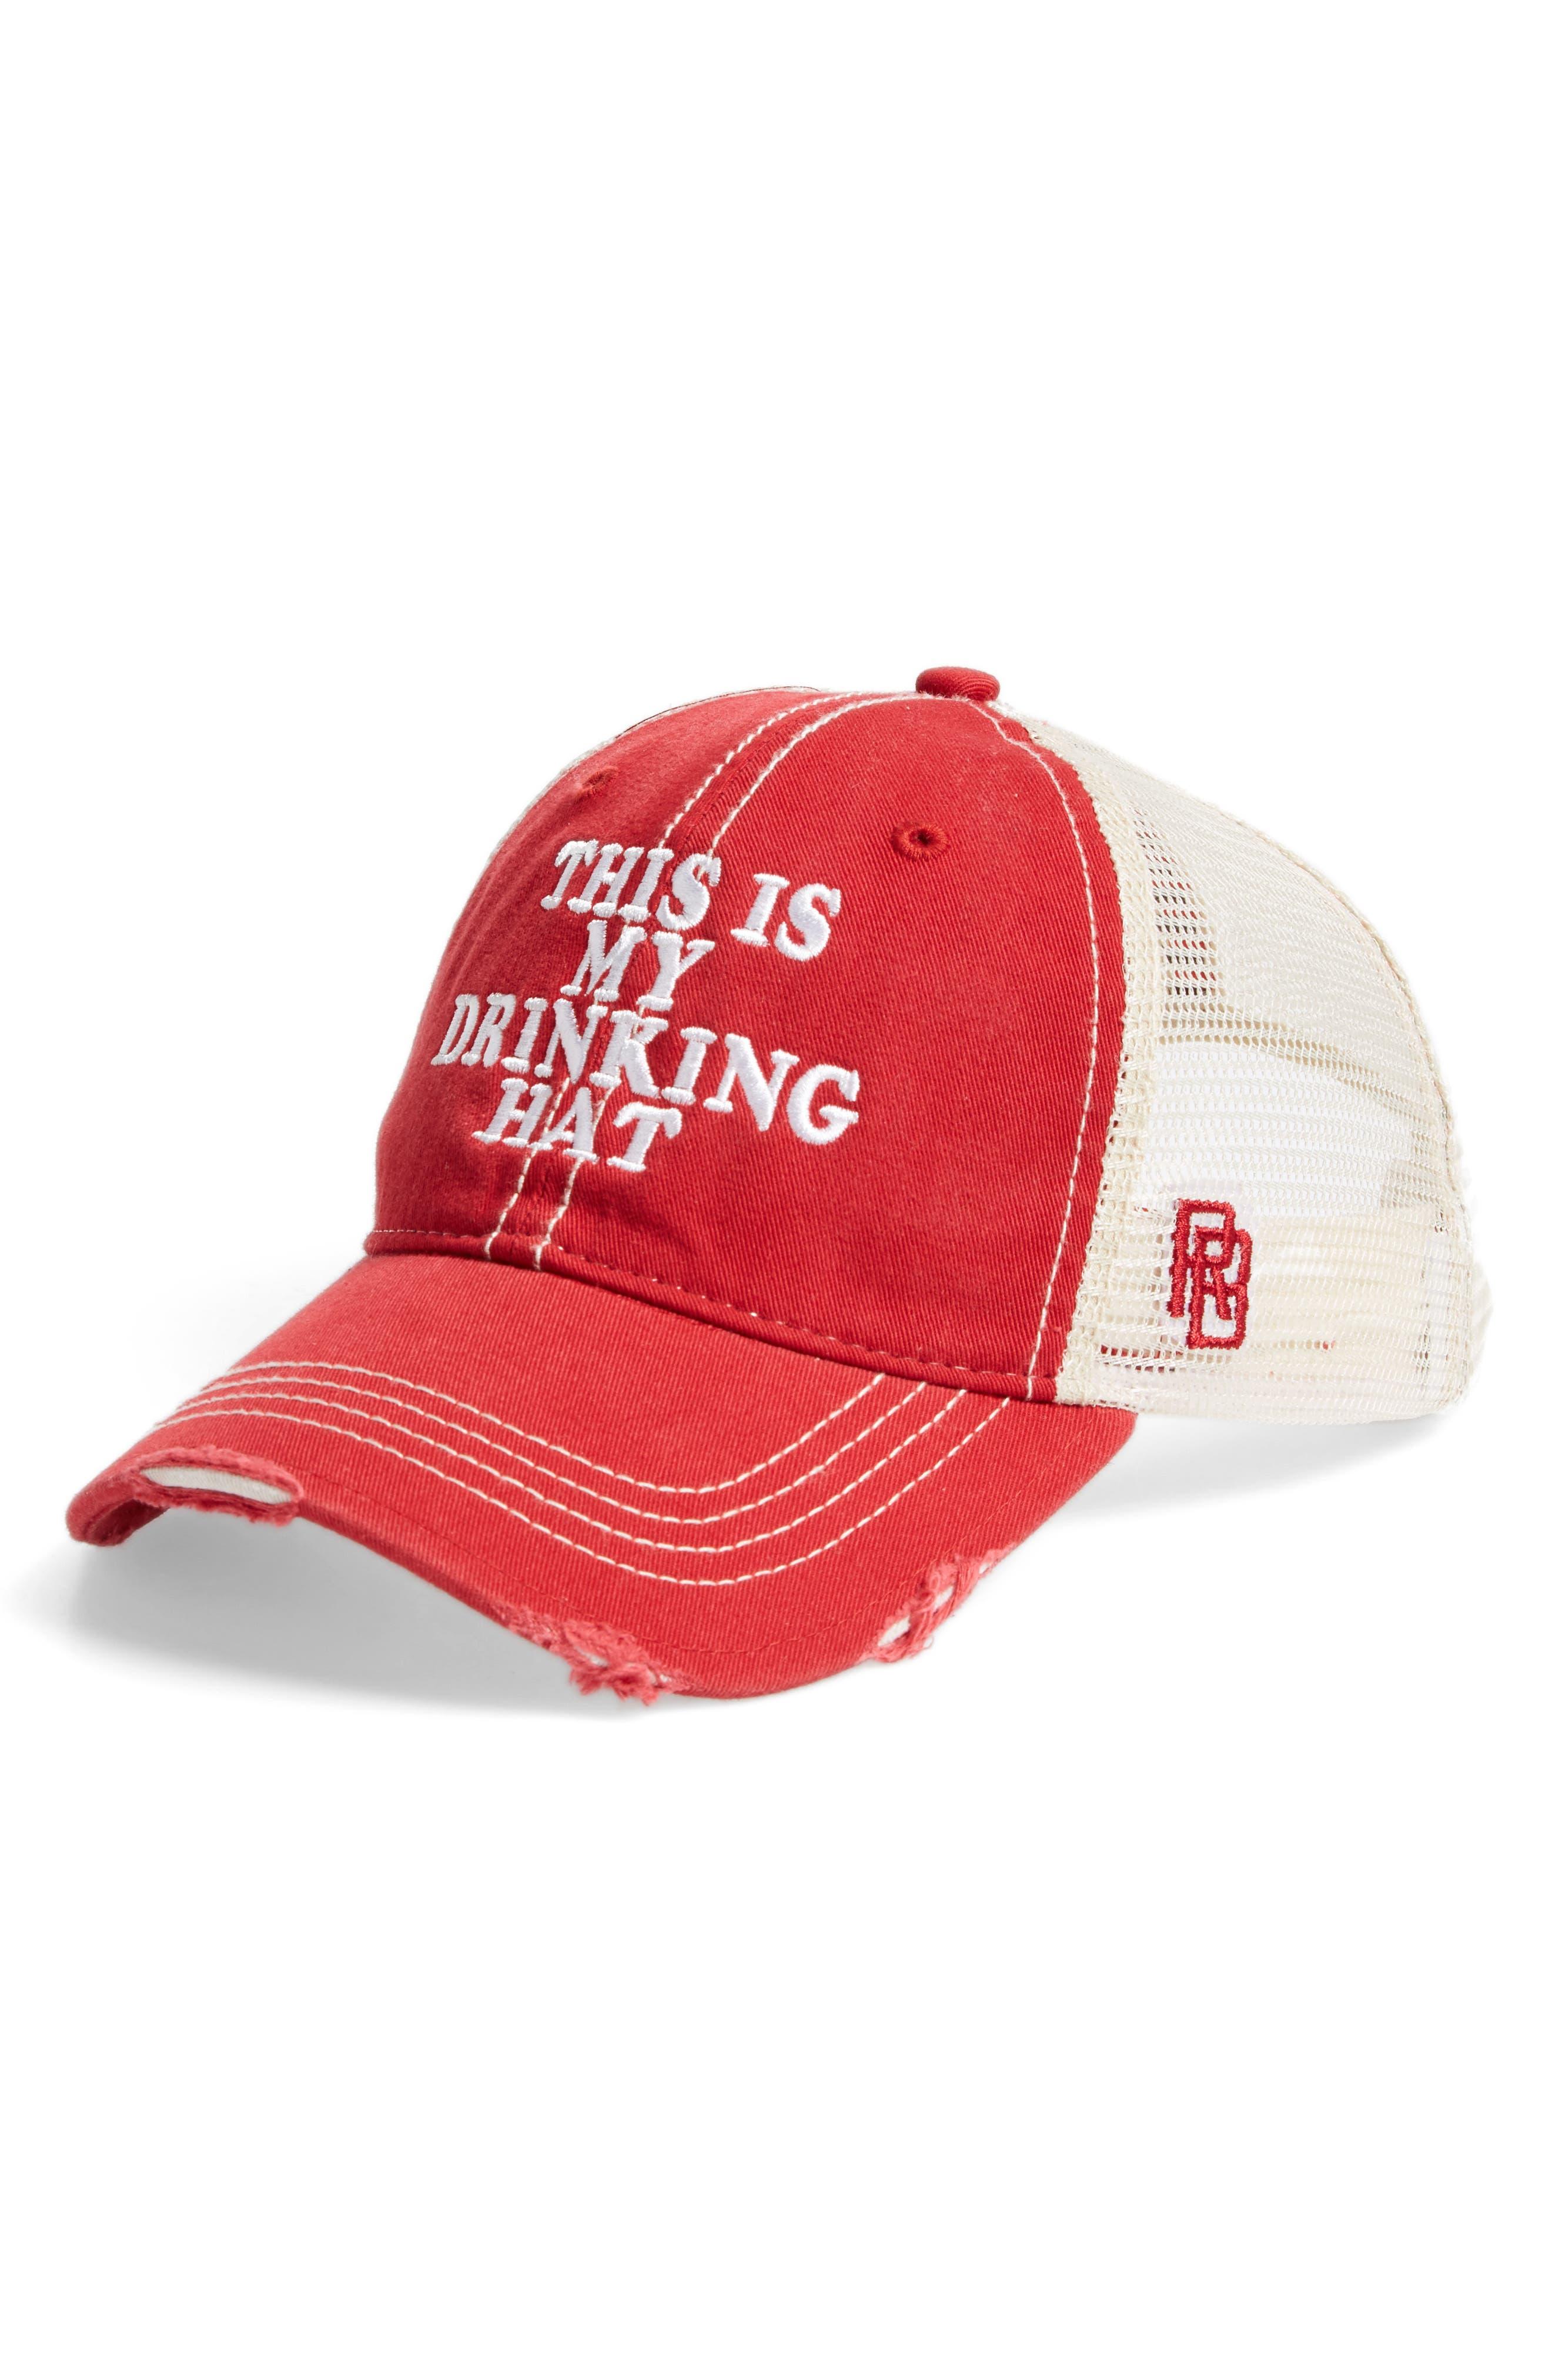 Original Retro Brand This is My Drinking Hat Trucker Hat